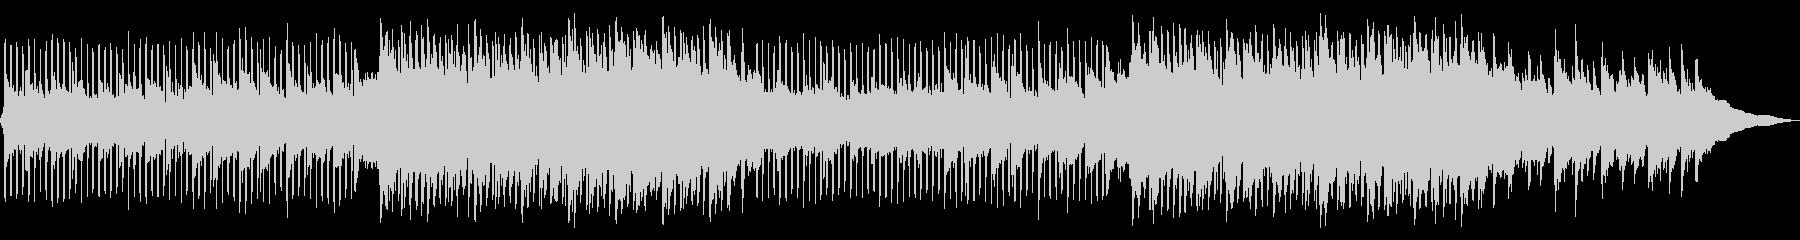 透明感、清涼感のあるピアノメロのEDMの未再生の波形